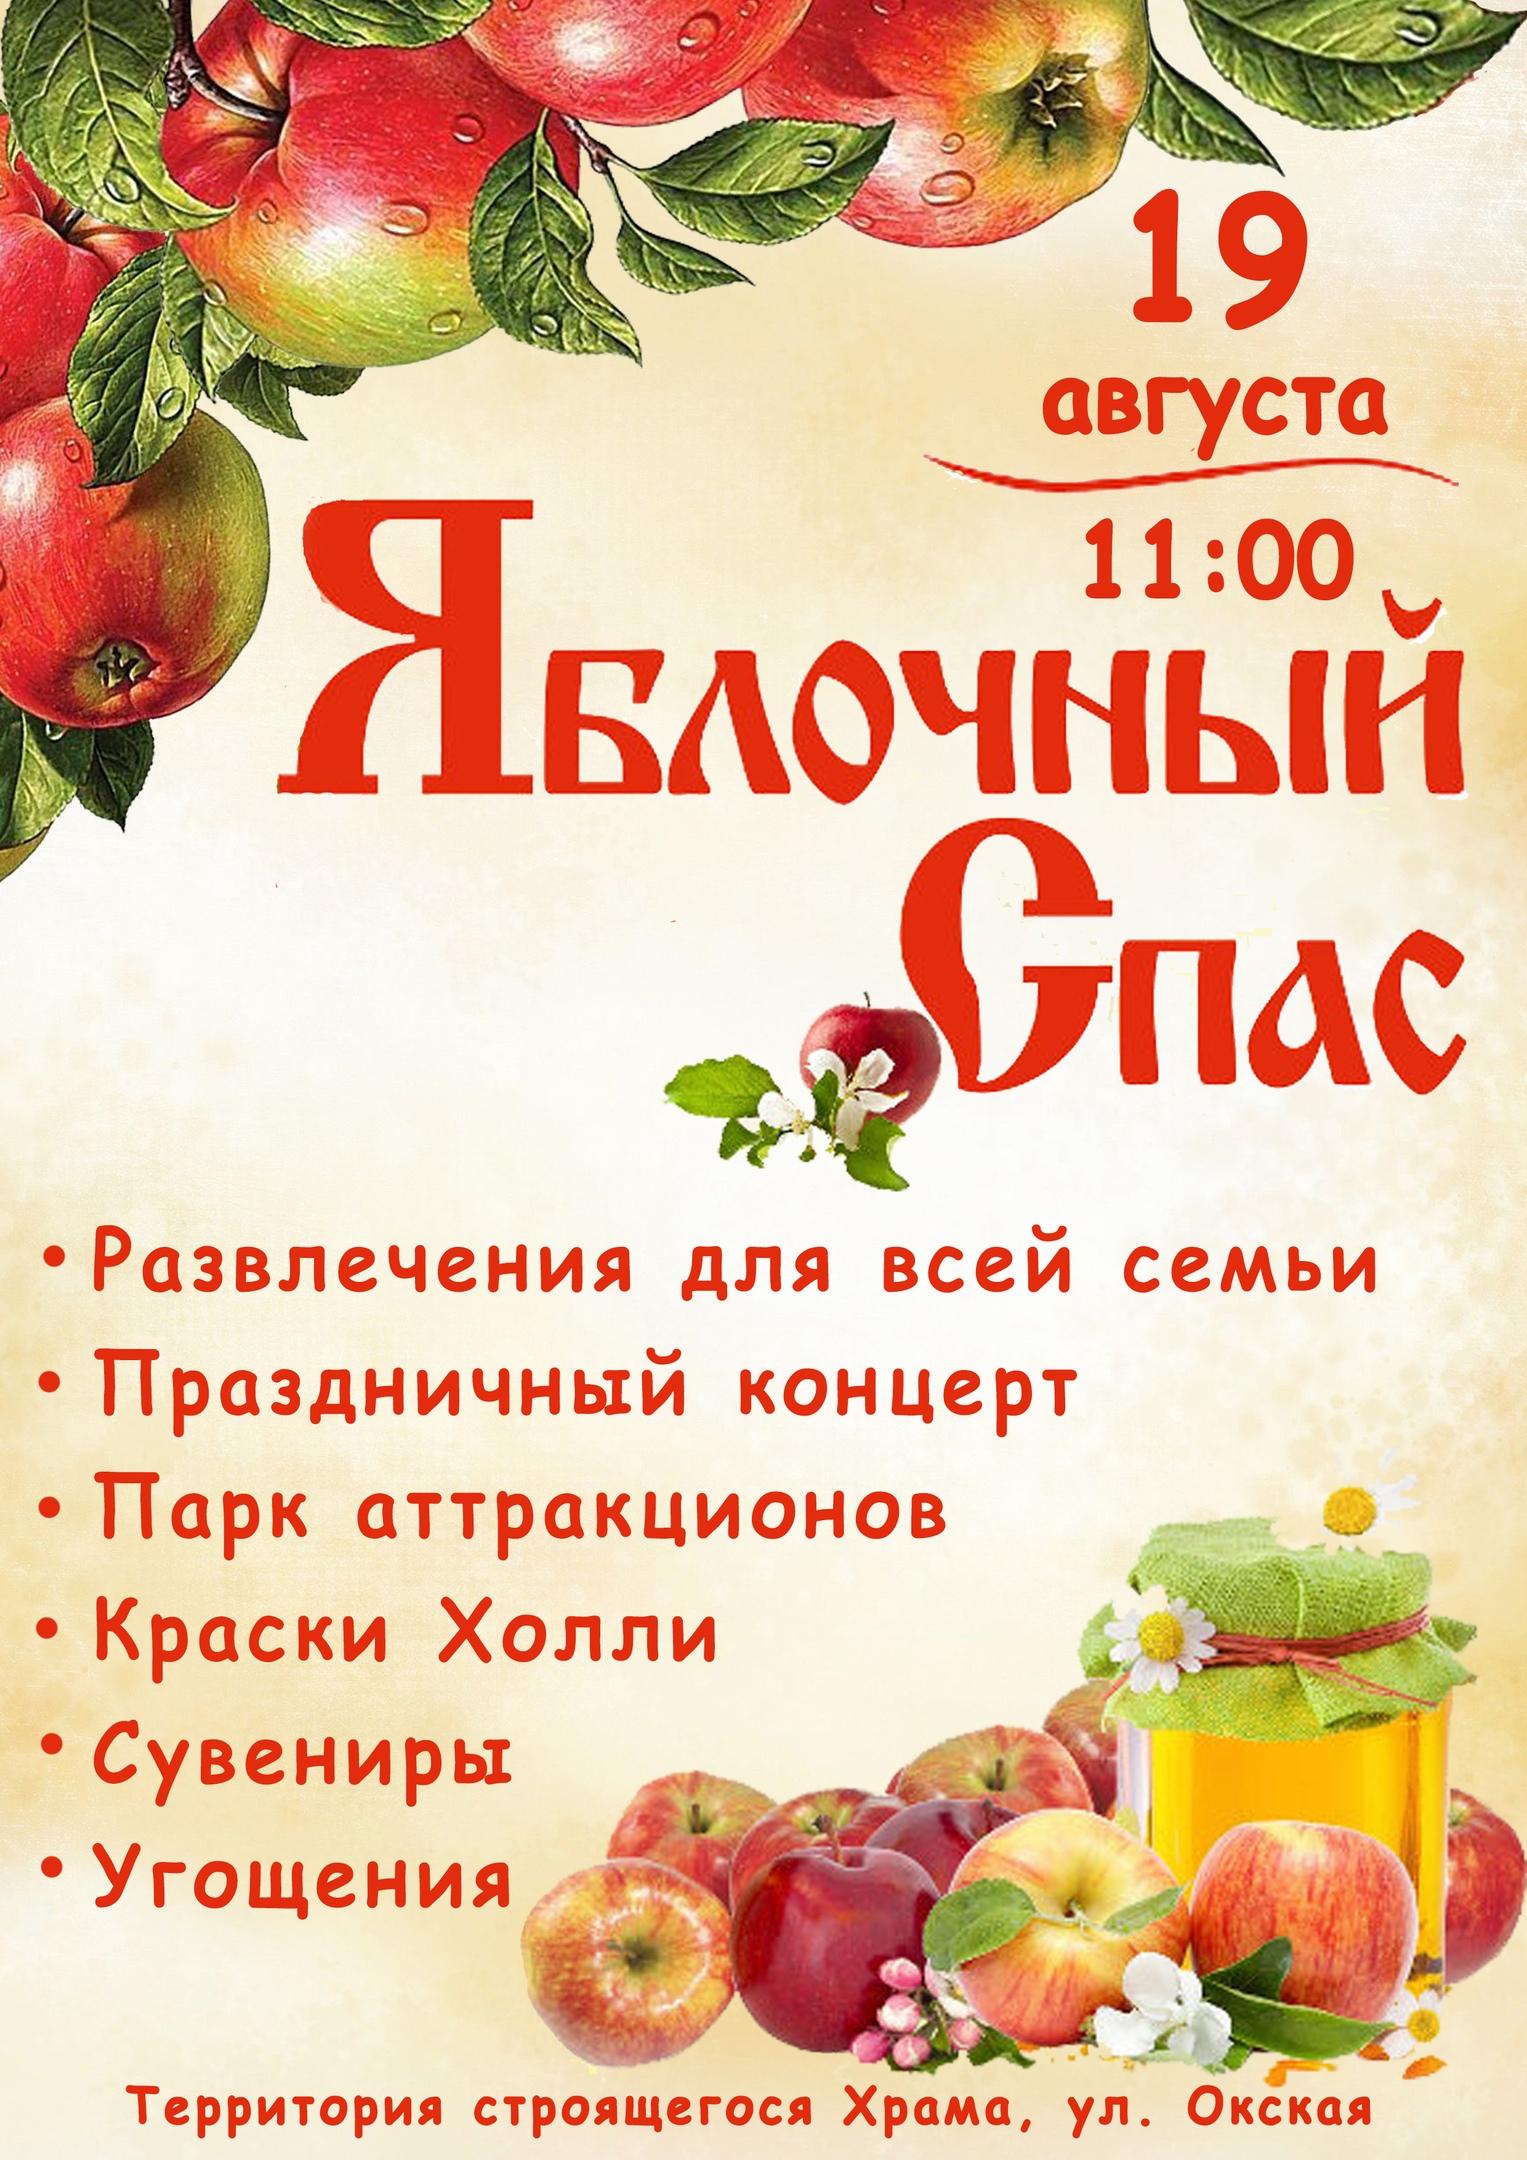 Яблочный Спас в Пирочах